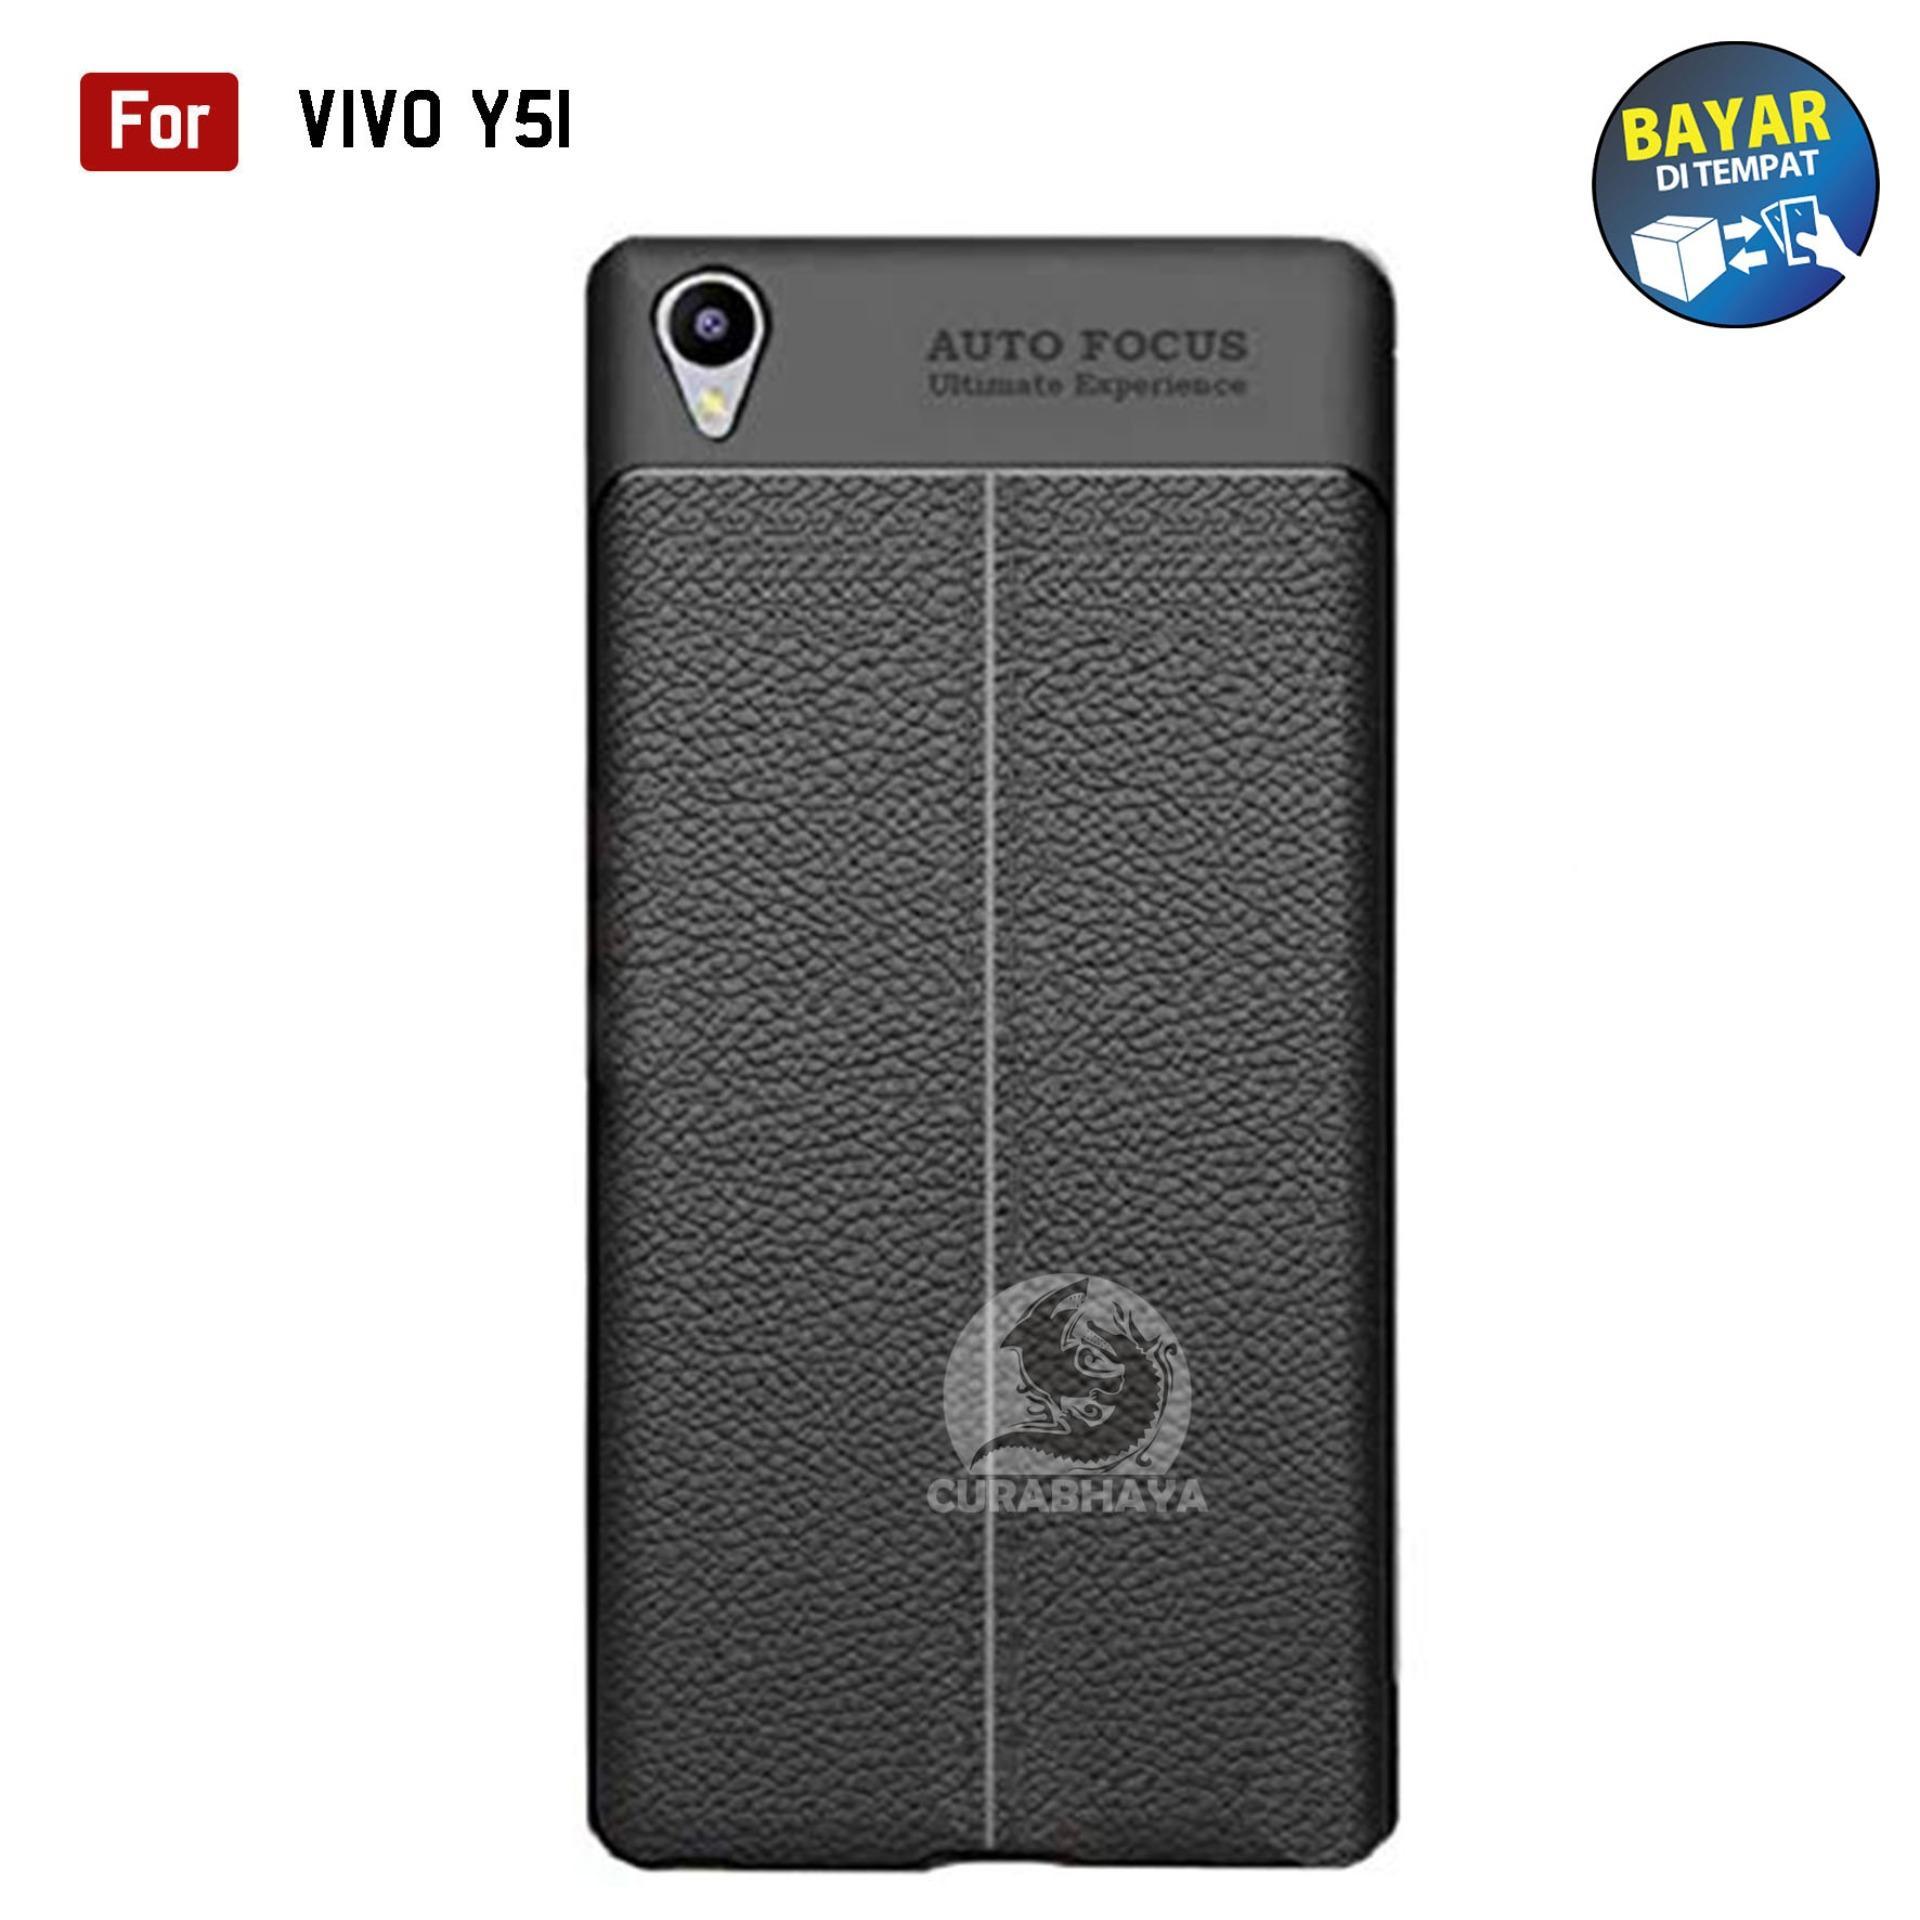 AutoCase Vivo Y51 / Y51L / Y51T | Ultimate AutoFocus Leather 3D Case Protect Motif Kulit Jeruk | Lazada Indonesia